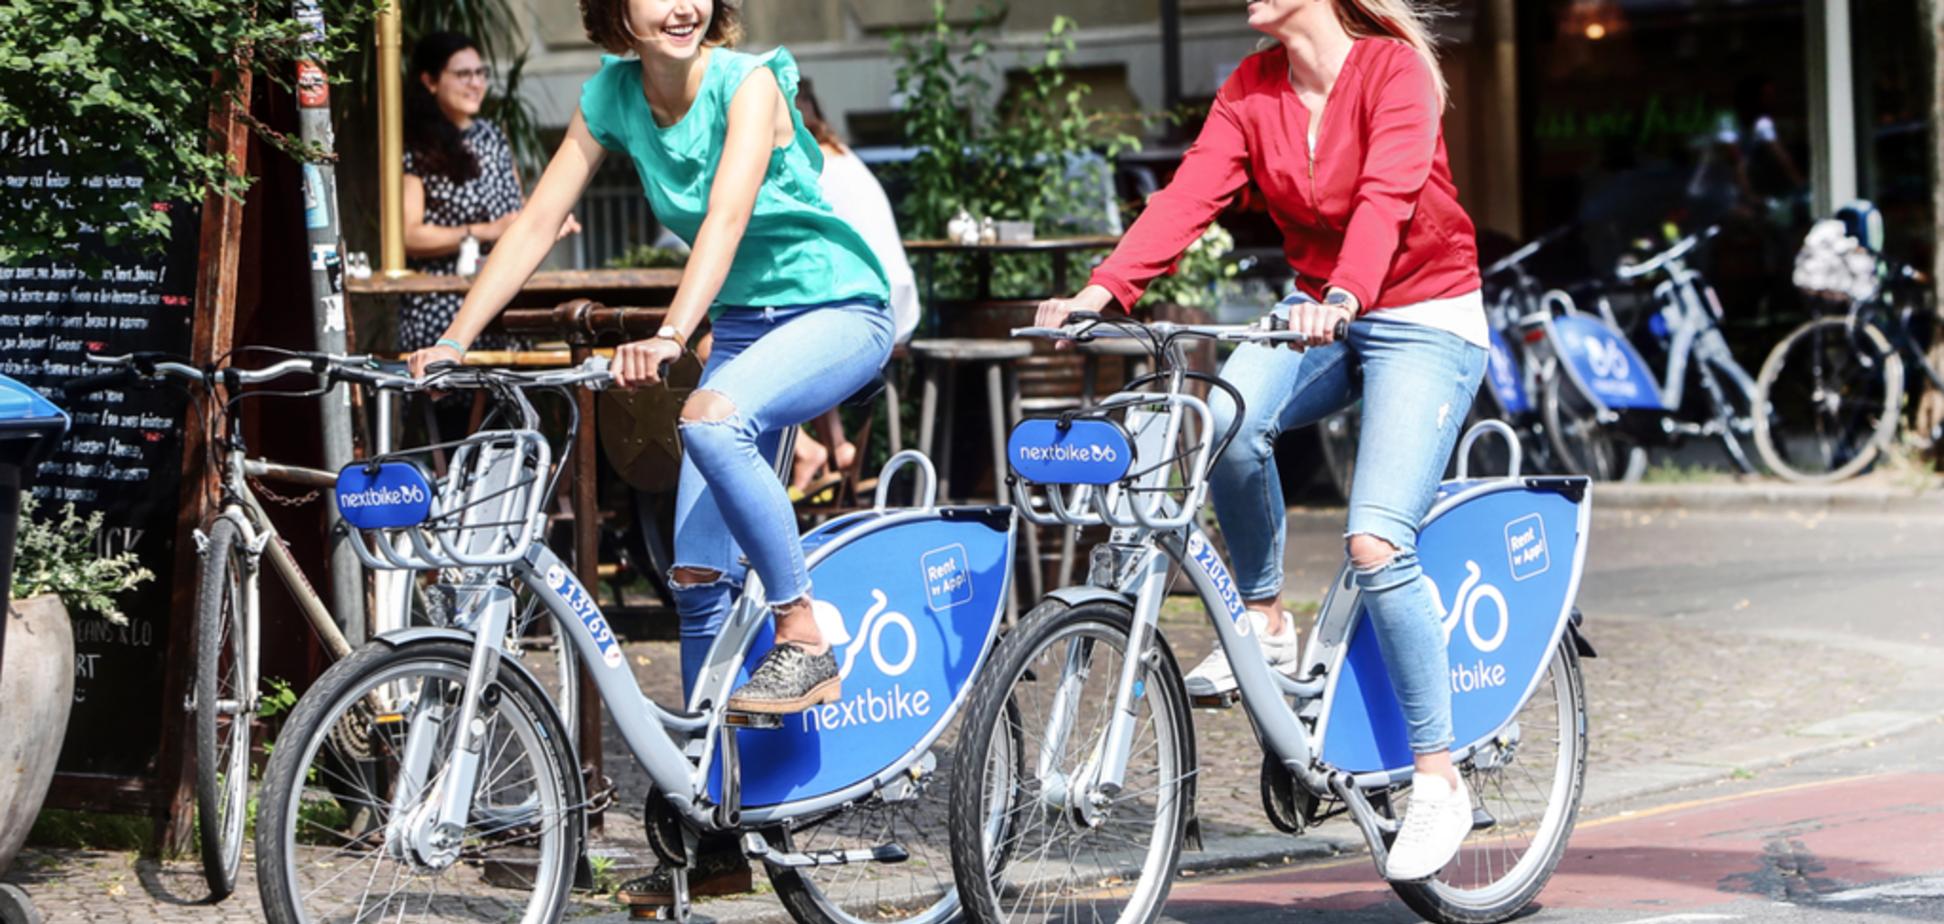 Воруют и разбивают: в одном из районов Киева перестанет работать популярный велопрокат